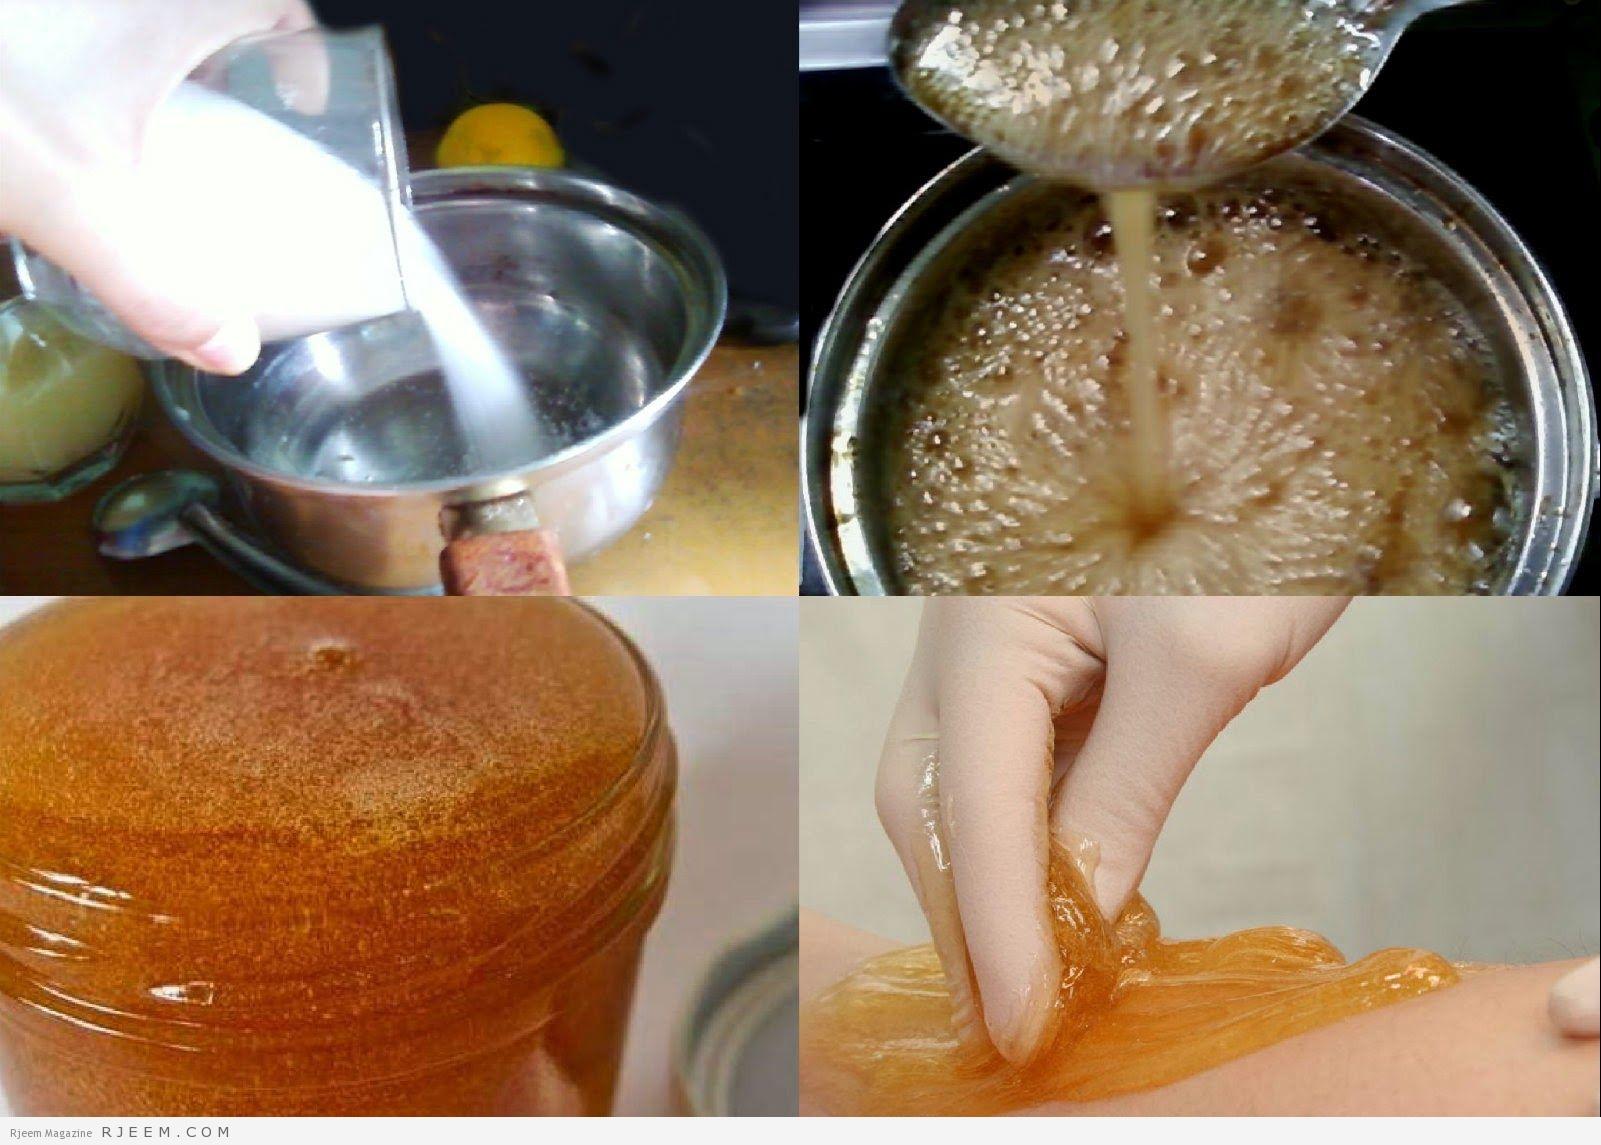 صورة طريقة عمل سويت لازالة الشعر , اسهل طريقة لعمل السويت بدون تعب ولا تكلفة السويت الجاهز